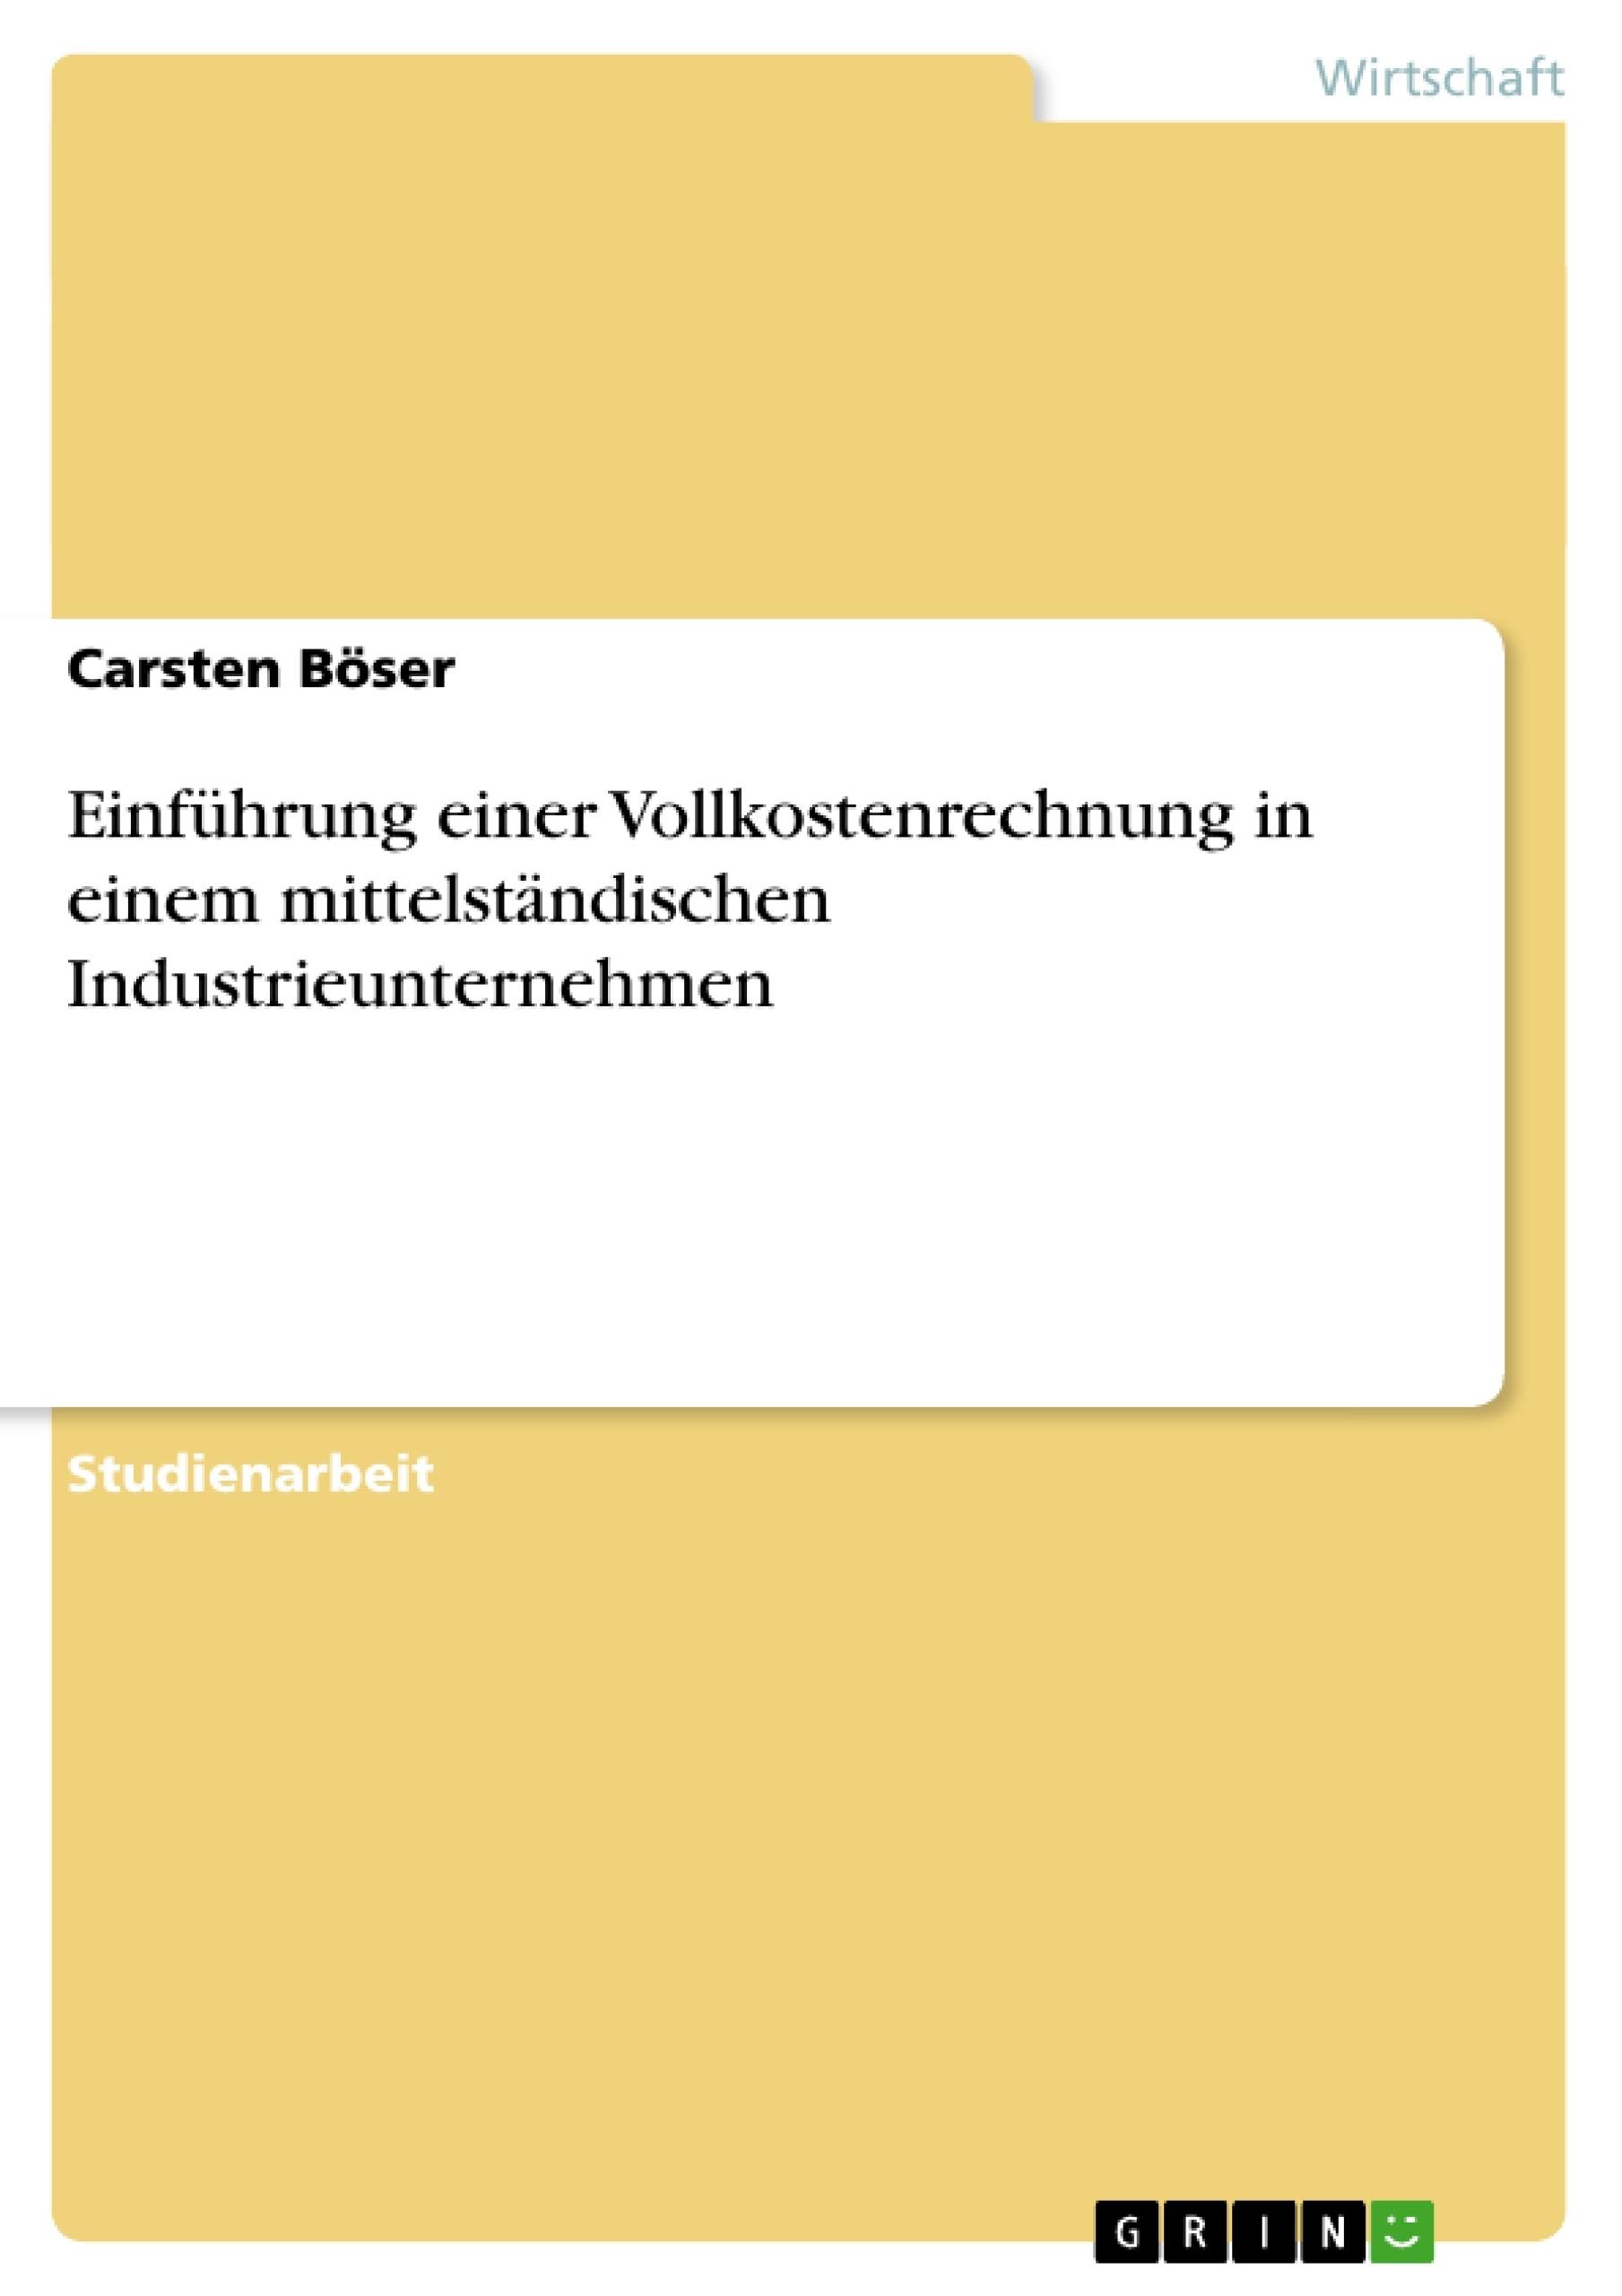 Titel: Einführung einer Vollkostenrechnung in einem mittelständischen Industrieunternehmen